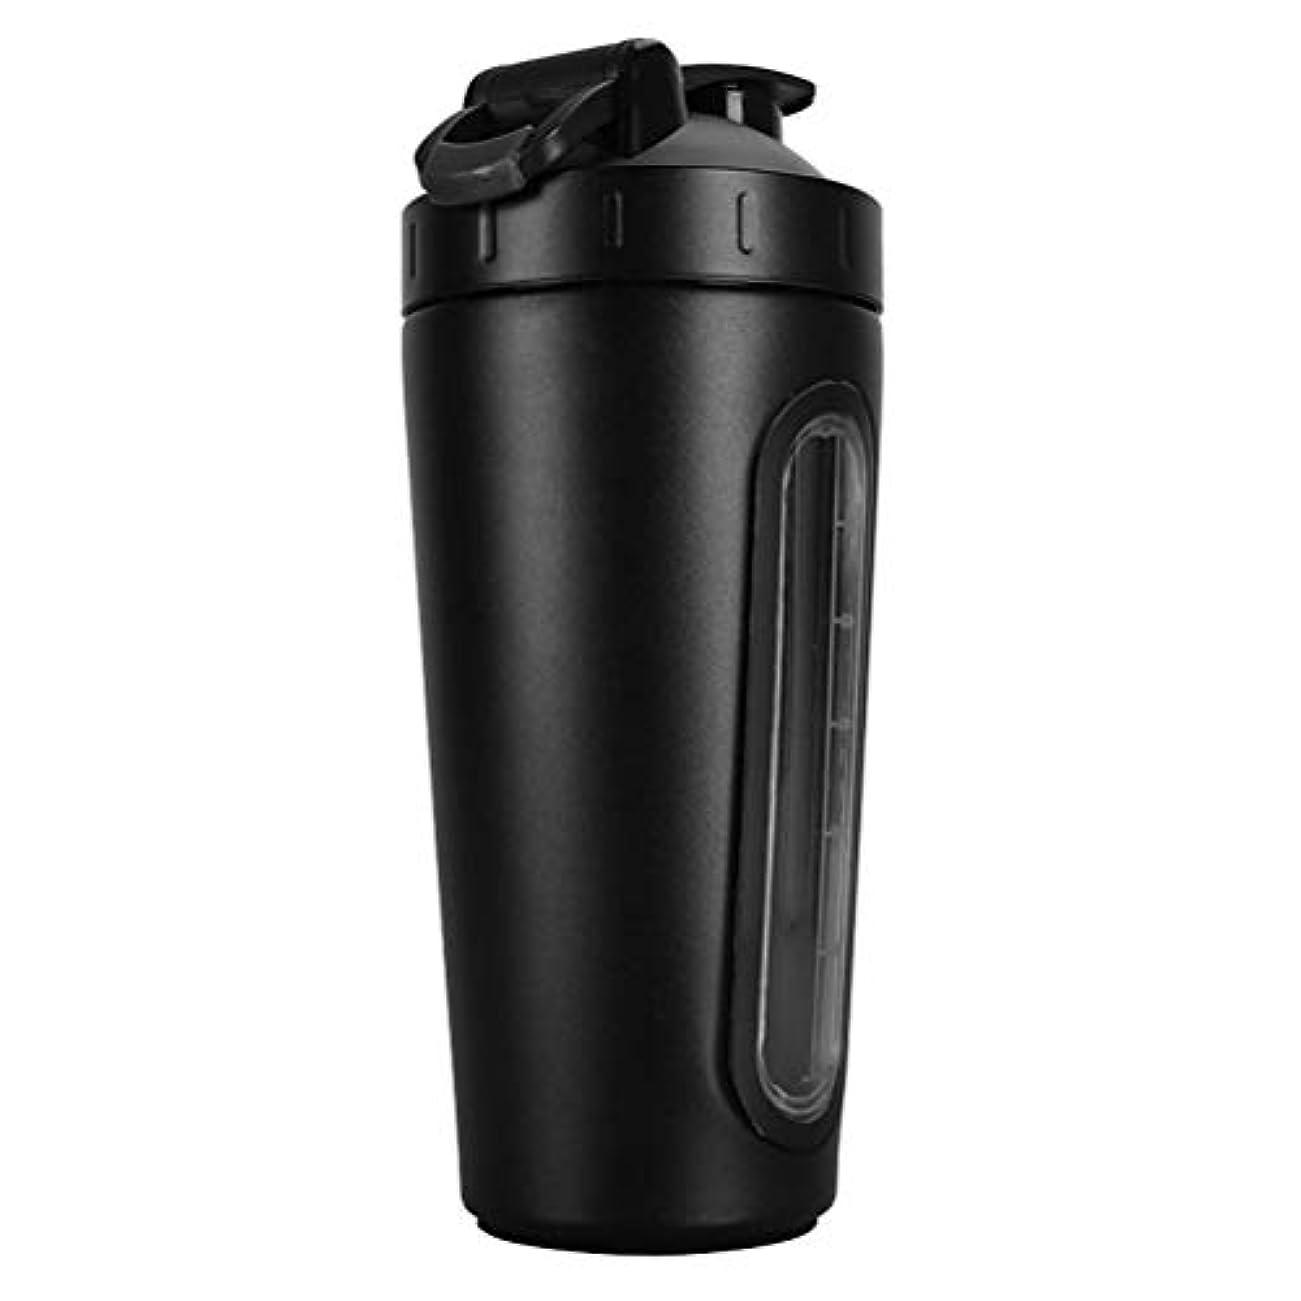 一時停止確かな不幸Erose-BD 2019新型 304ステンレスプロテインシェイカーボトル プロテインシェイカー シェイカー ボトル 水筒 ウォーターボトル (800ml) 1個 黒